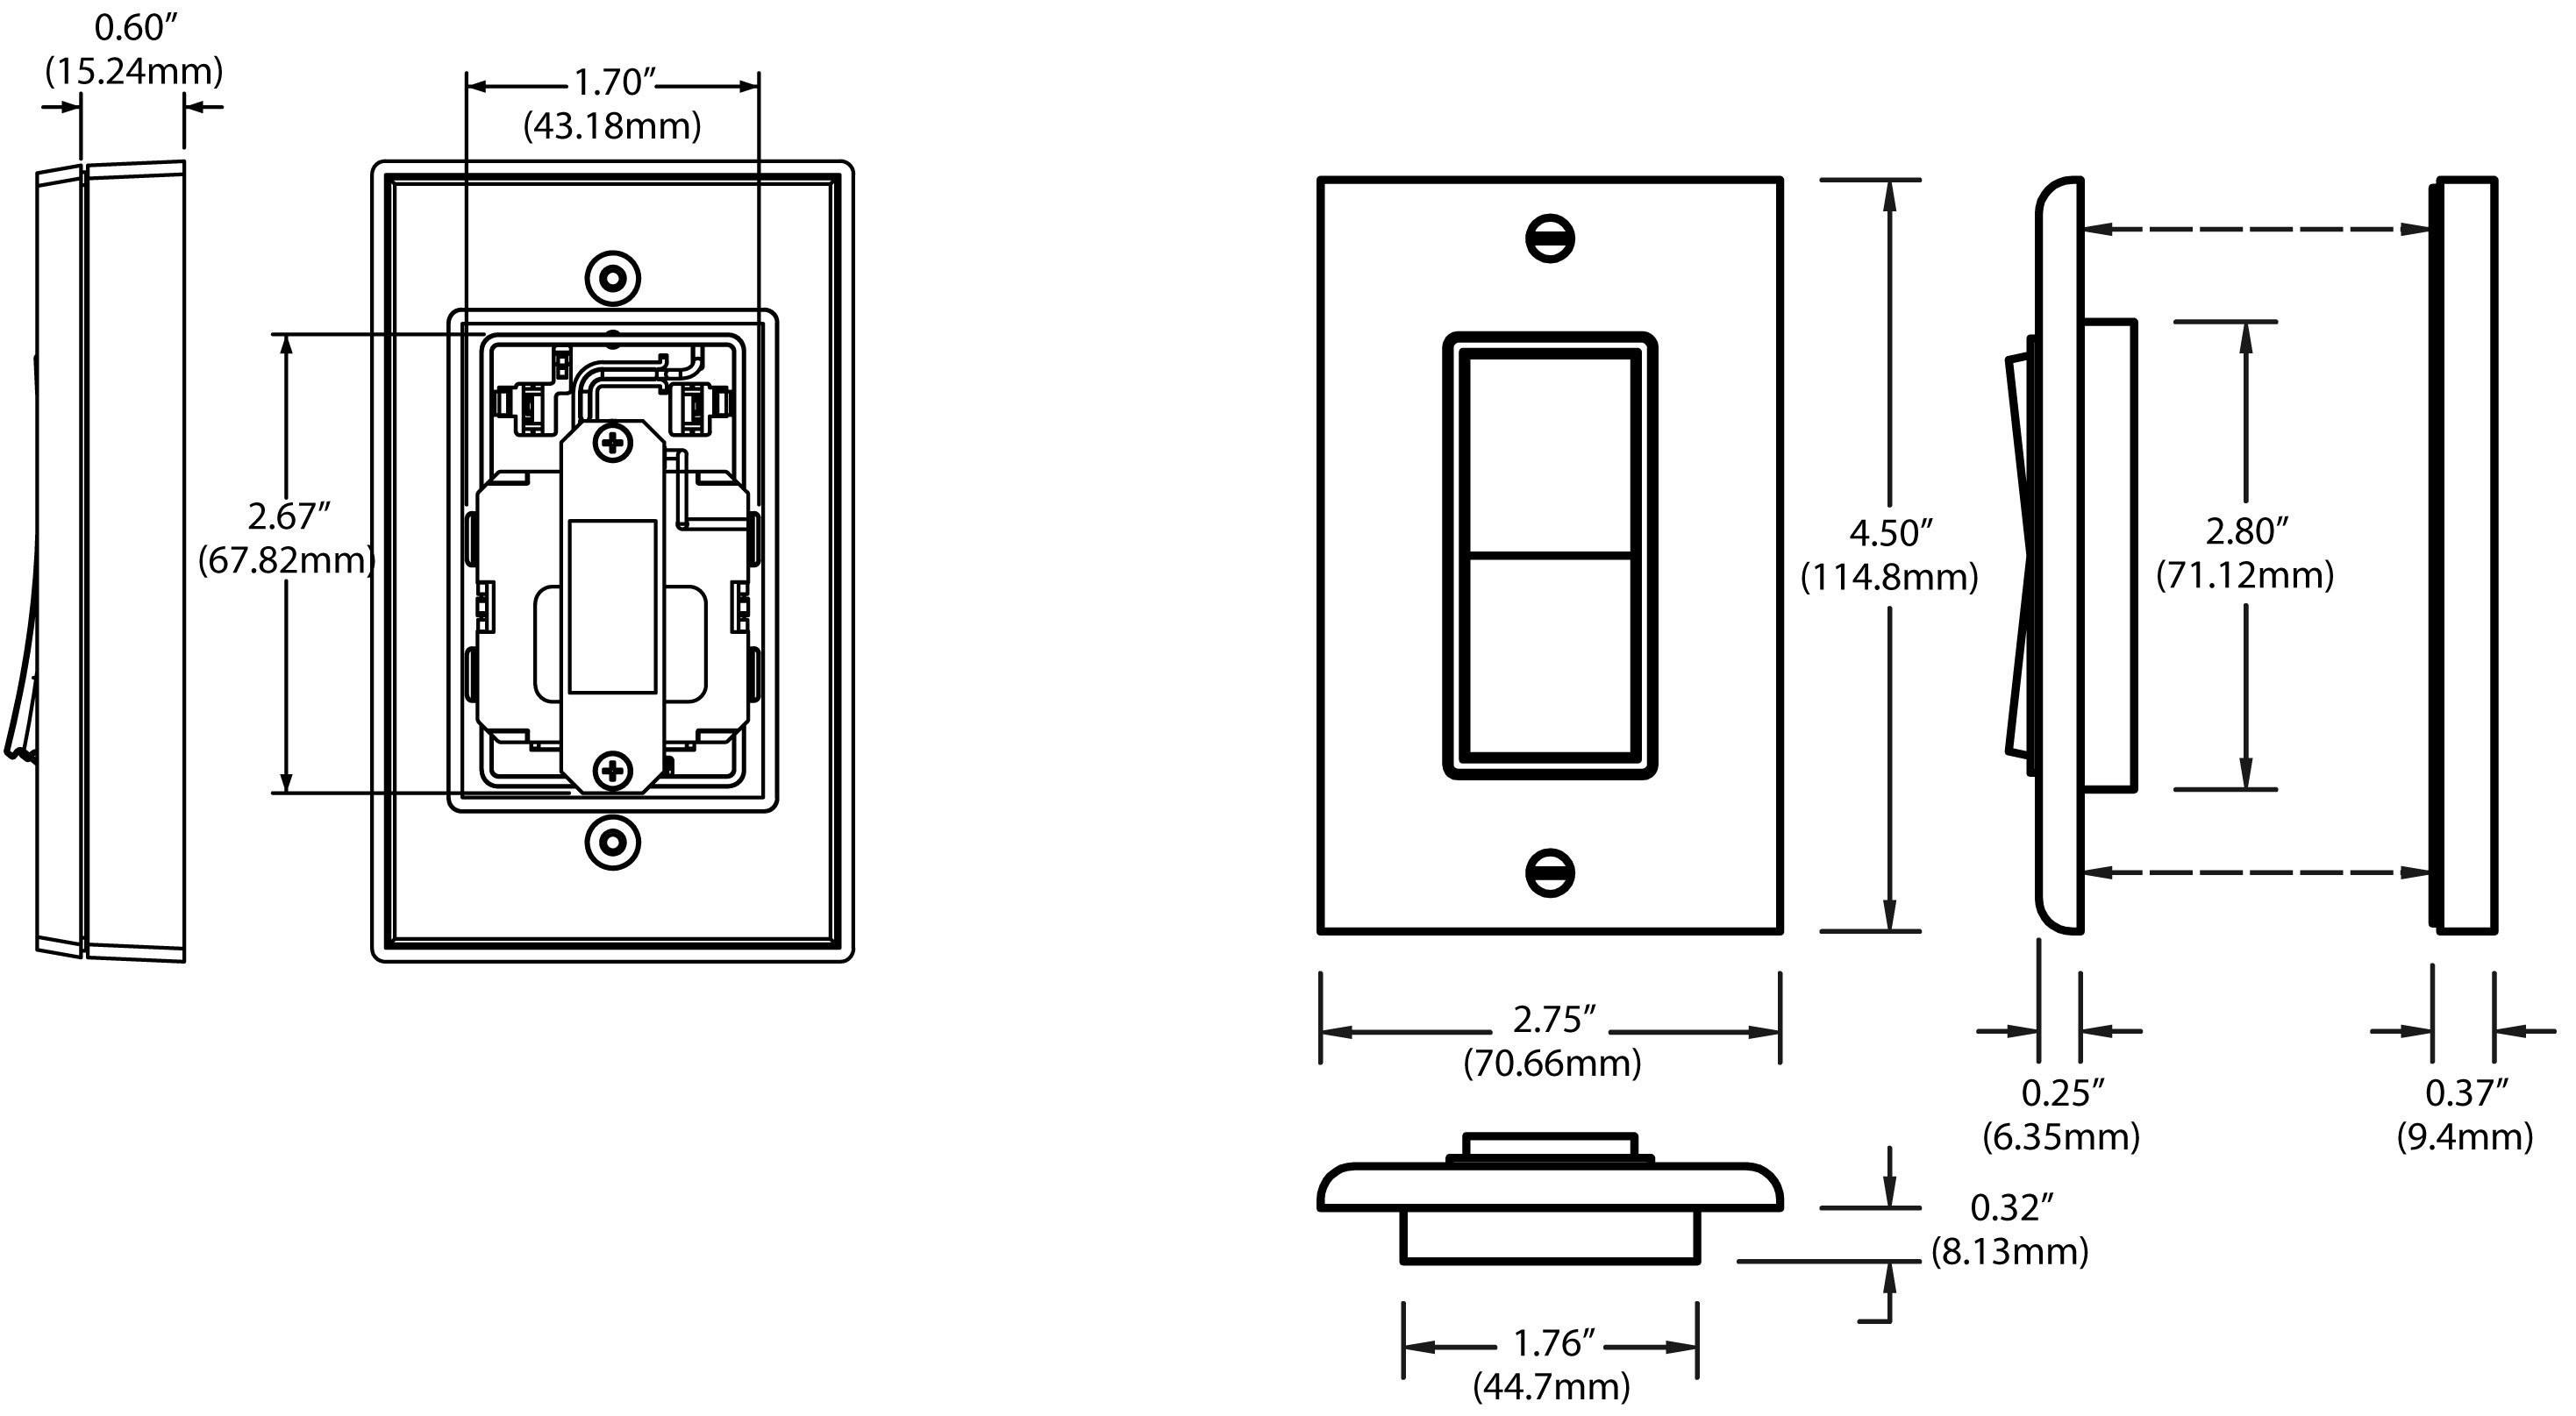 Leviton 3 Way Switch Wiring Diagram Rocker 3 Way Switch Tricky ...